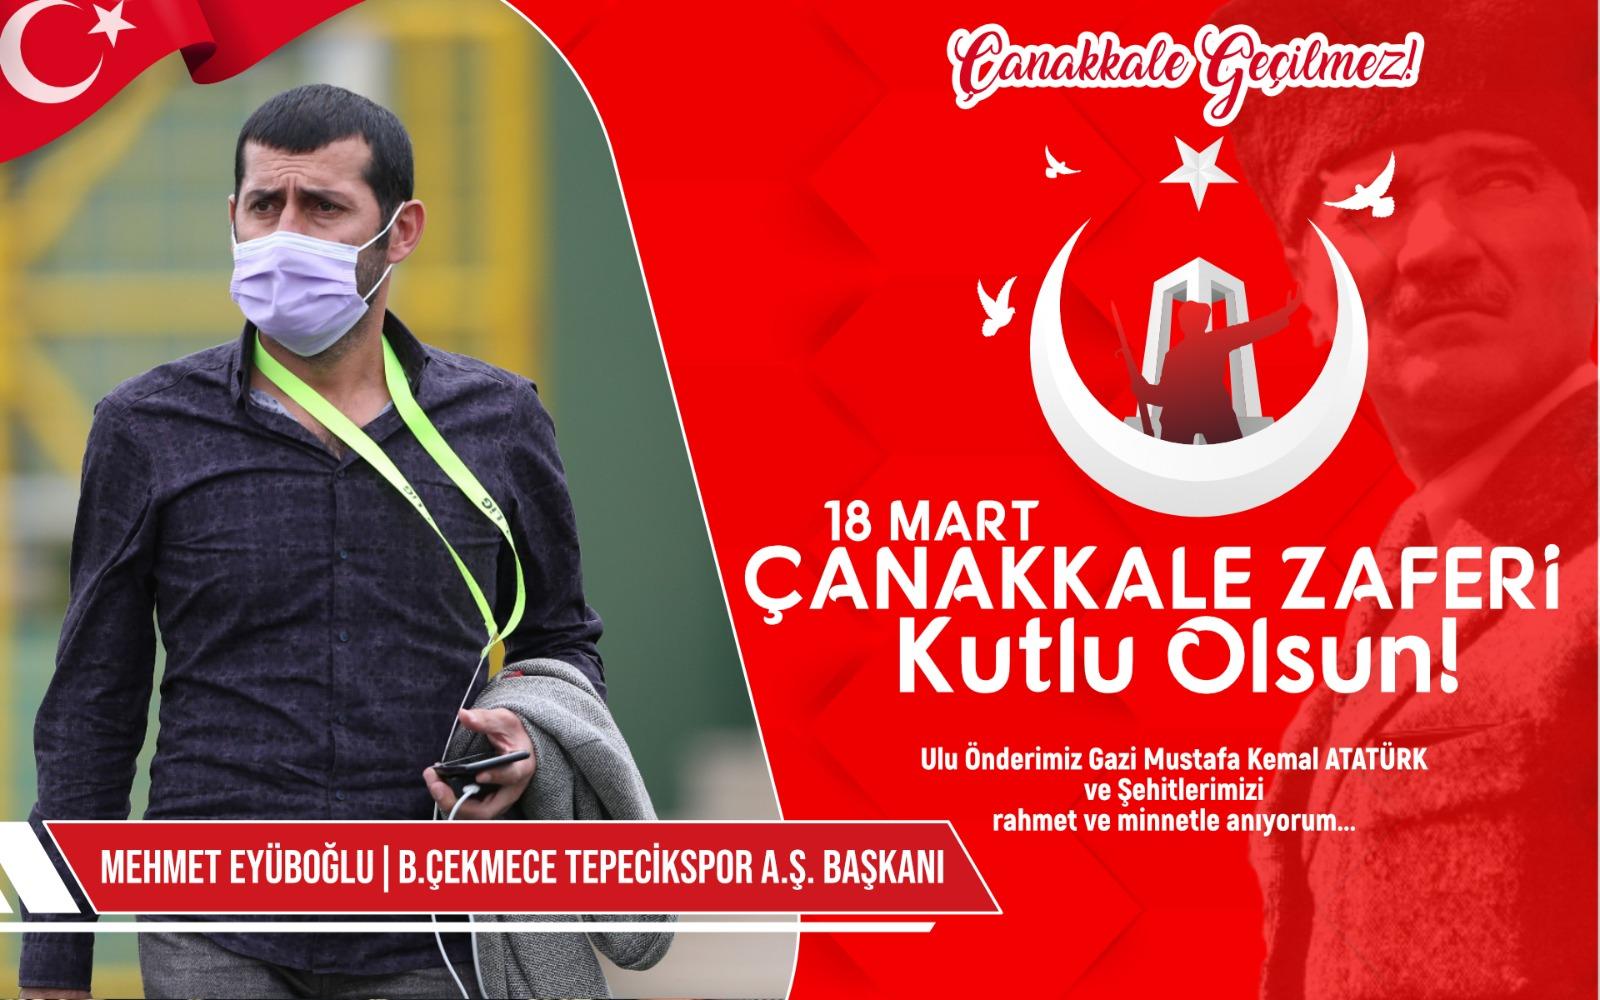 B.Çekmece Tepecikspor kulüp Başkanı Mehmet Eyüboğlun'dan kutlama ve anma mesajı